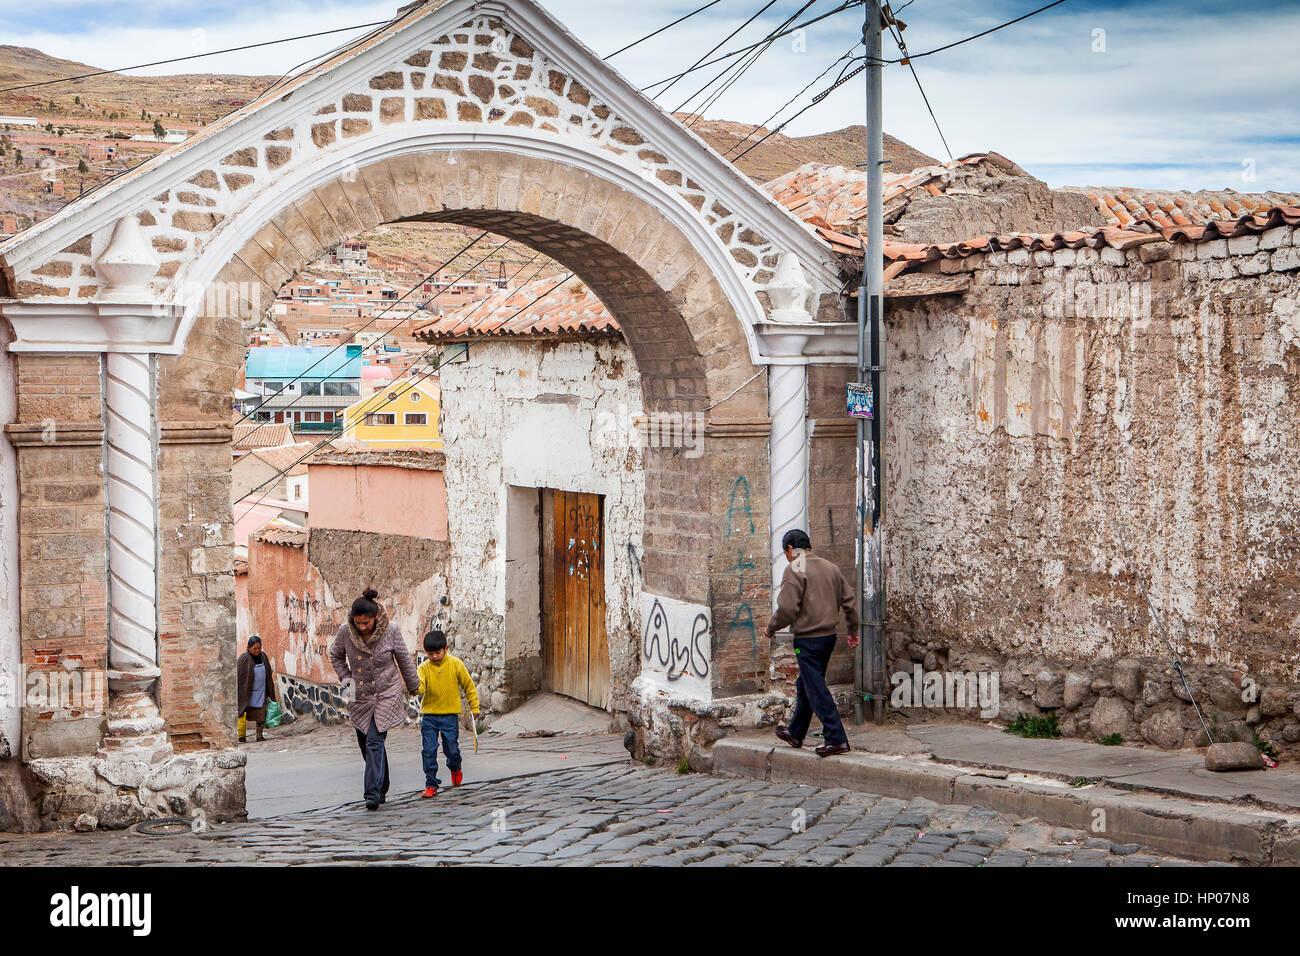 Arco de Cobija, Potosi, Bolivia - Stock Image